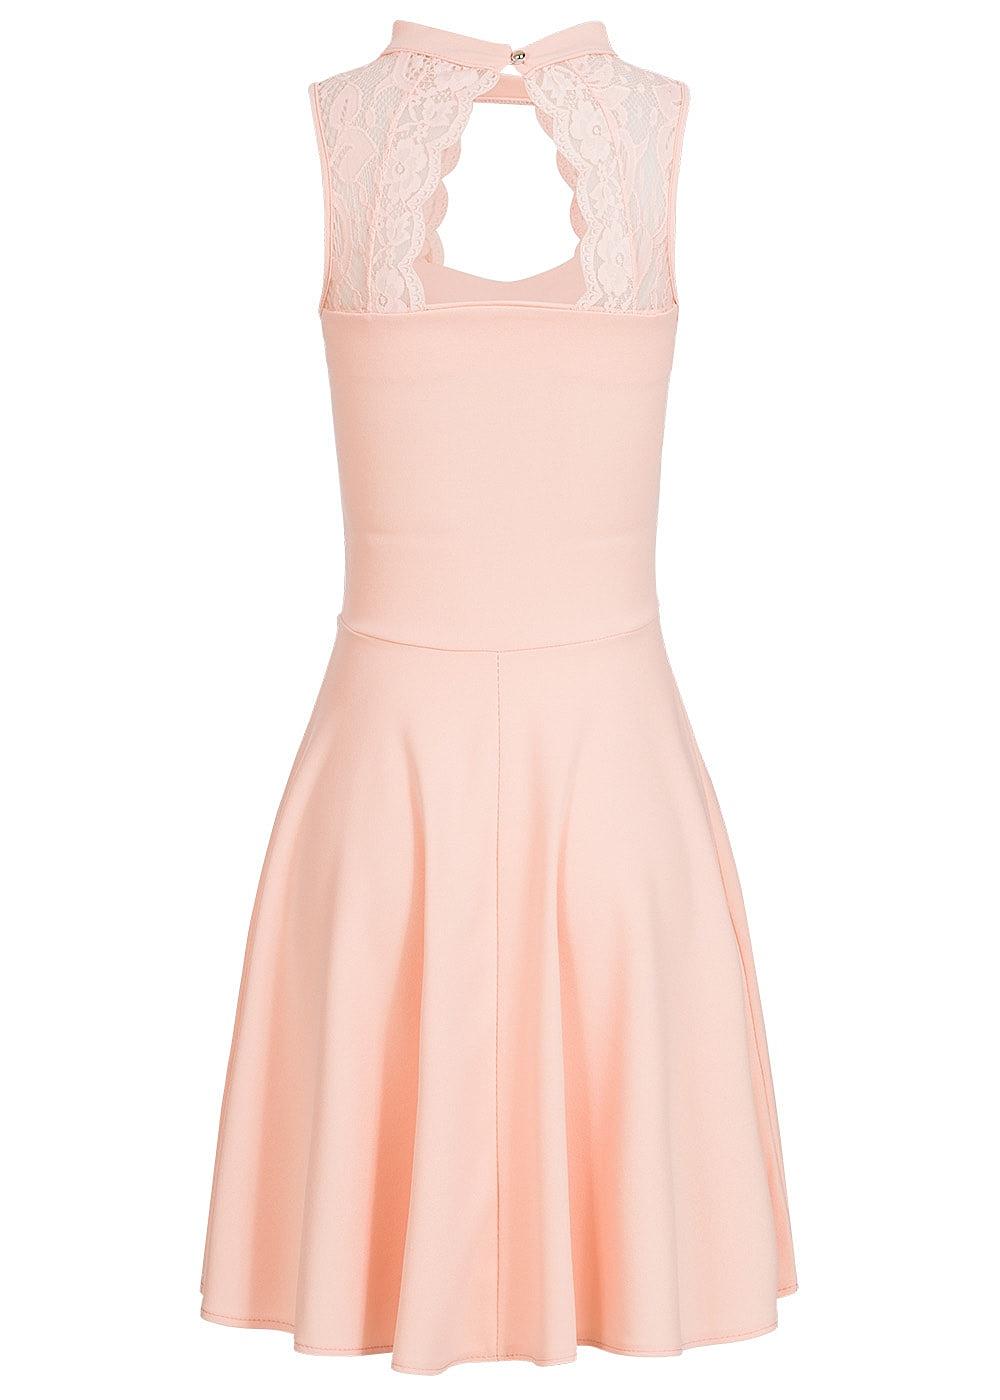 styleboom fashion damen kleid spitze oben brustpads rosa. Black Bedroom Furniture Sets. Home Design Ideas